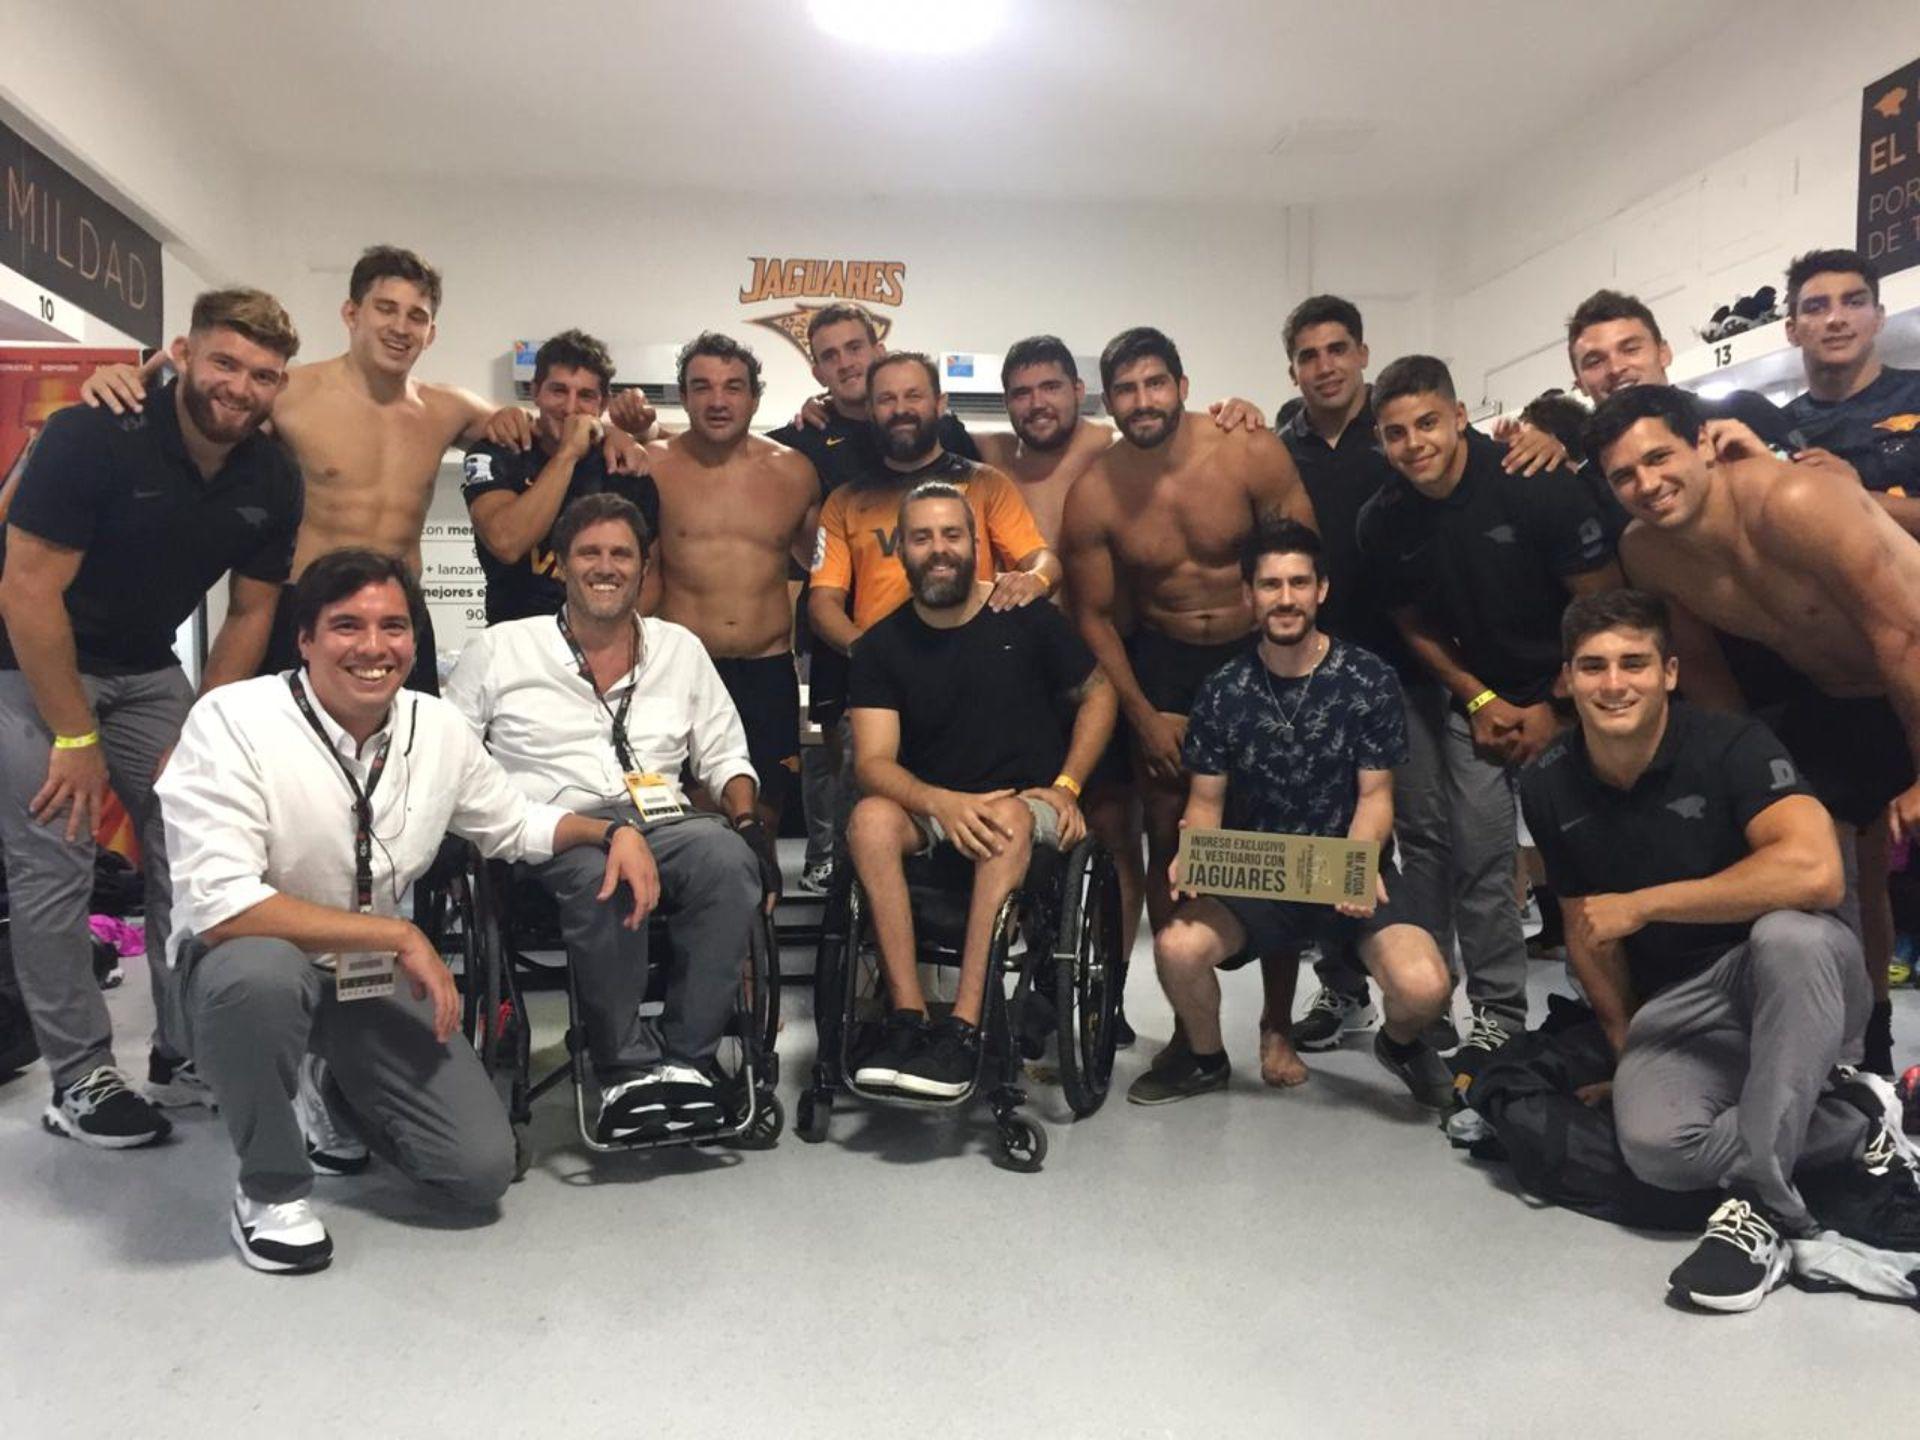 Nacho y otros jugadores lesionados en el estuario de Los Jaguares en marzo de 2020,